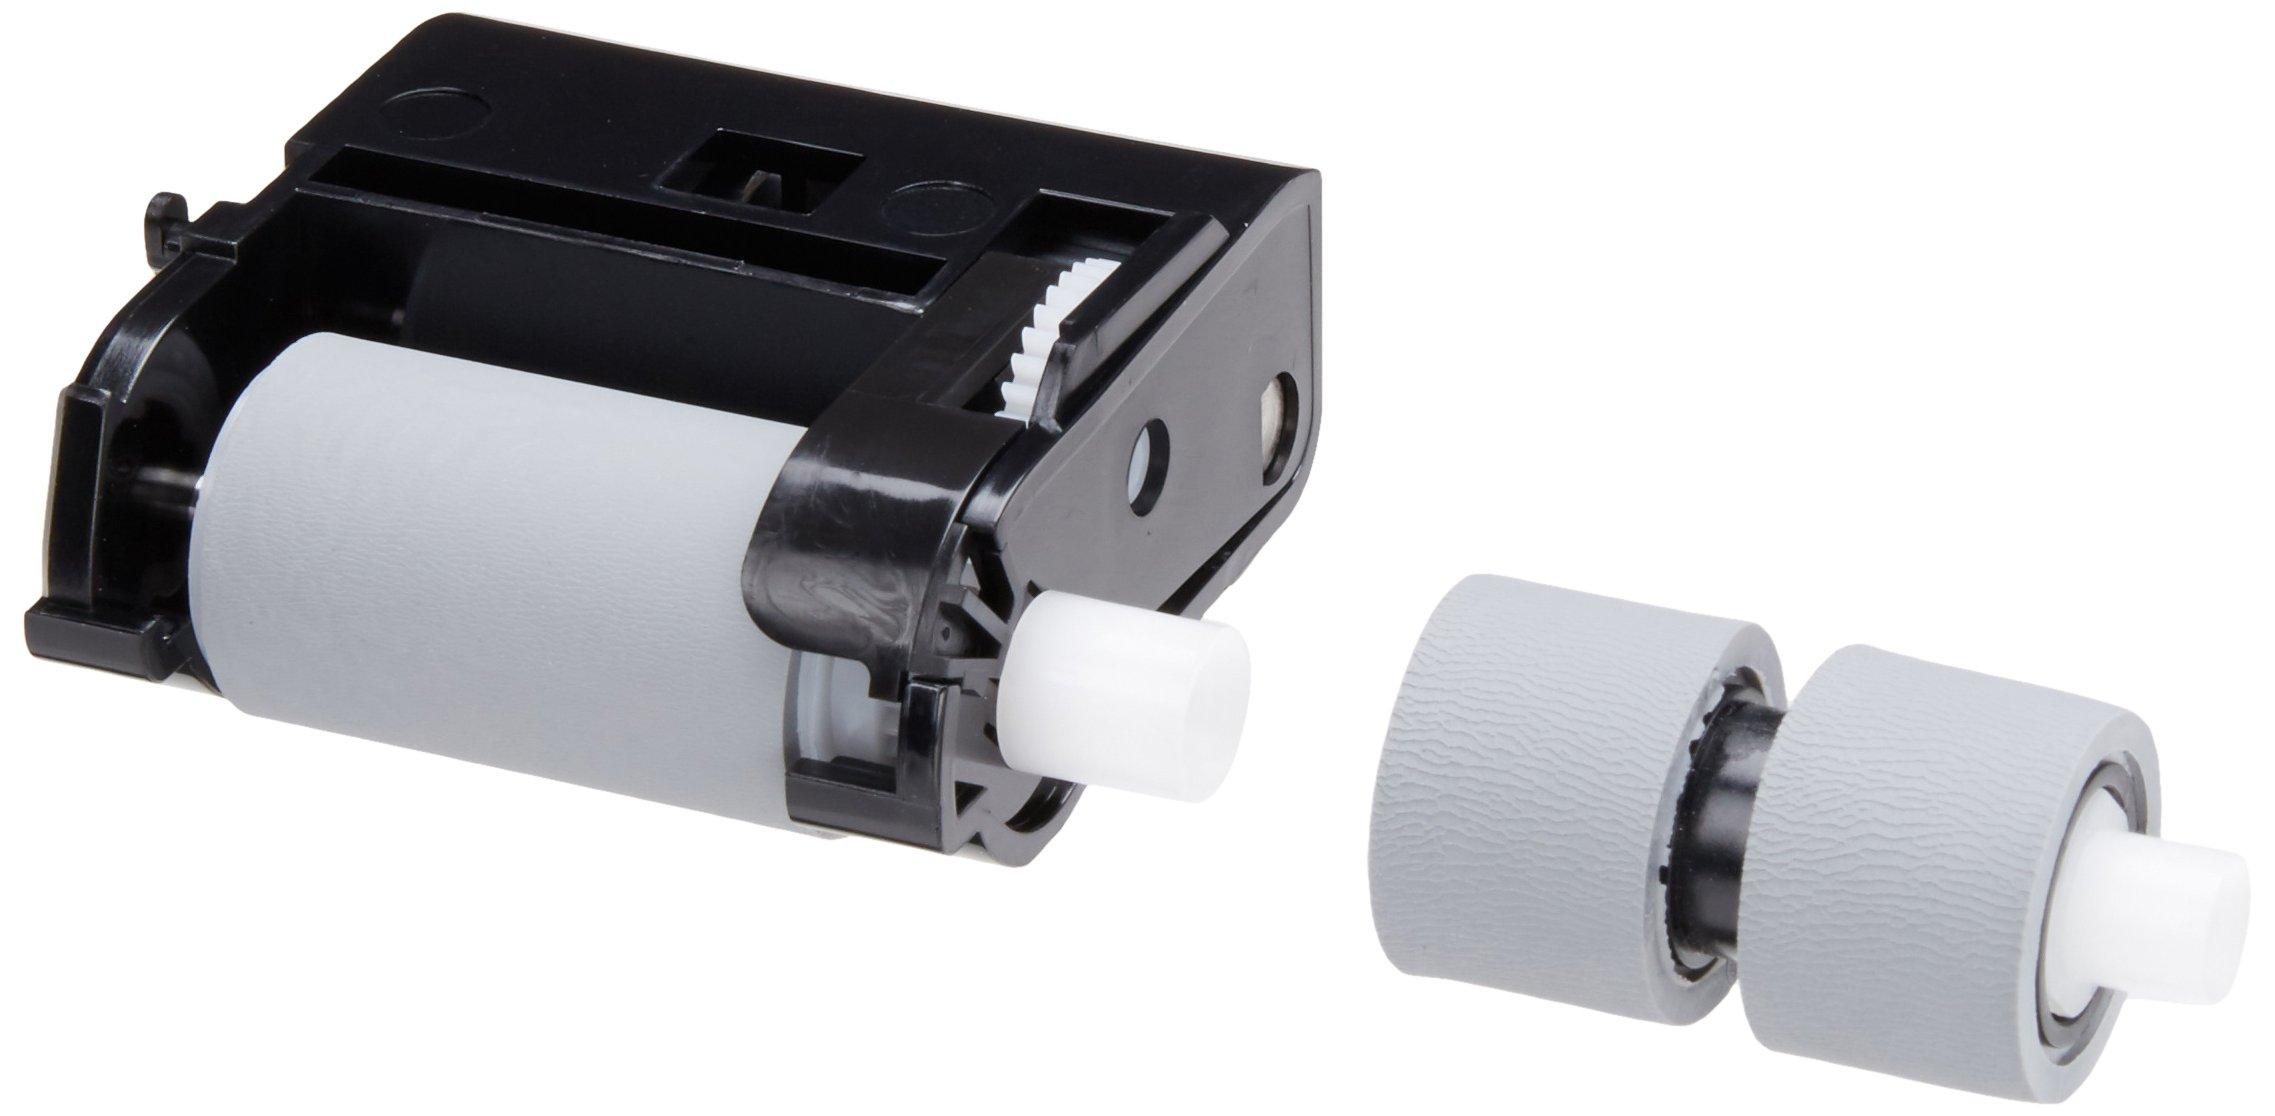 Exchange Roller Kit for DR-2580C